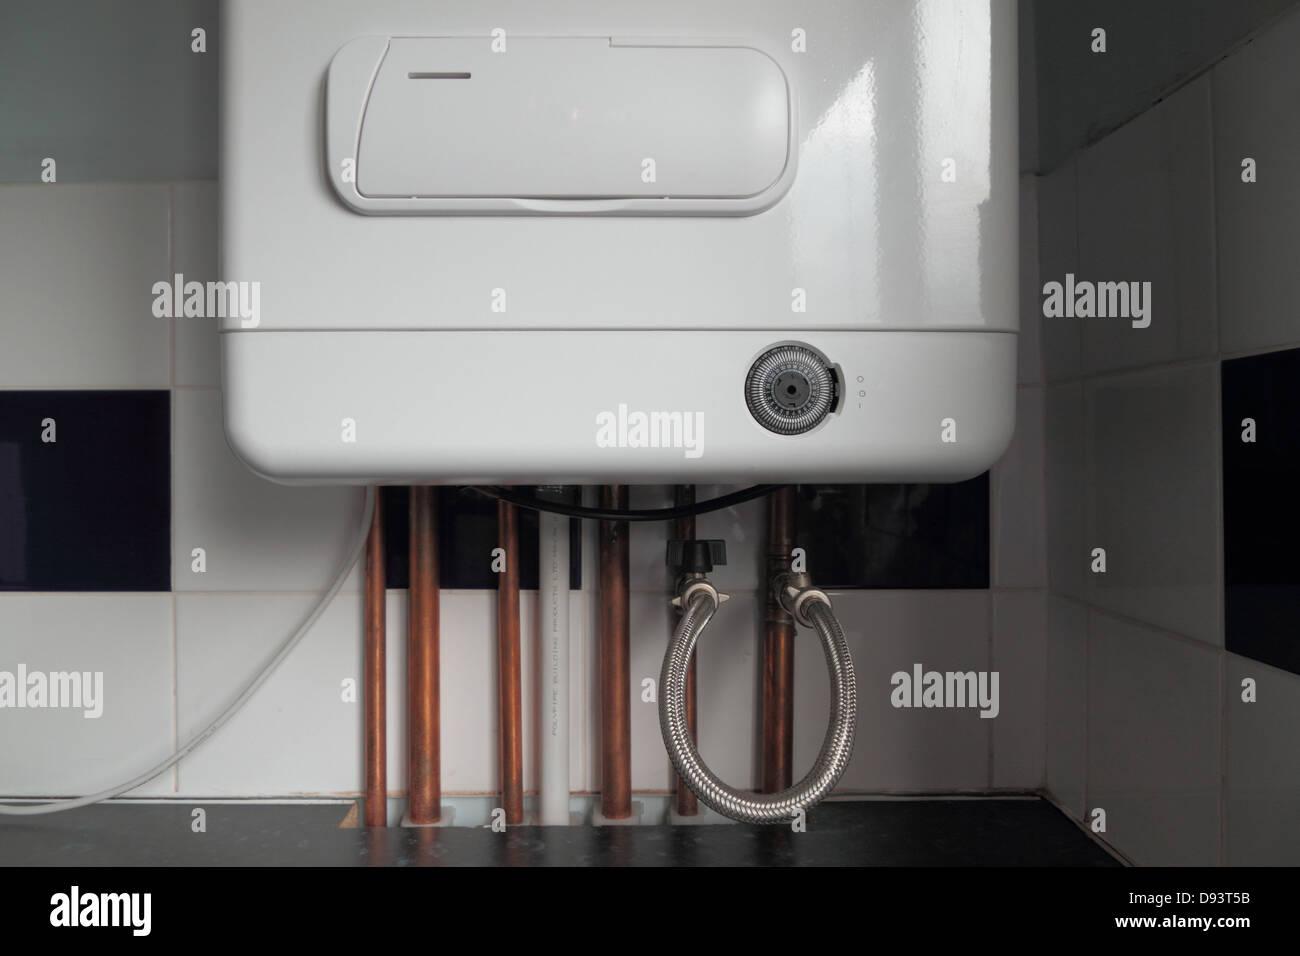 Gas Boiler Stockfotos & Gas Boiler Bilder - Alamy